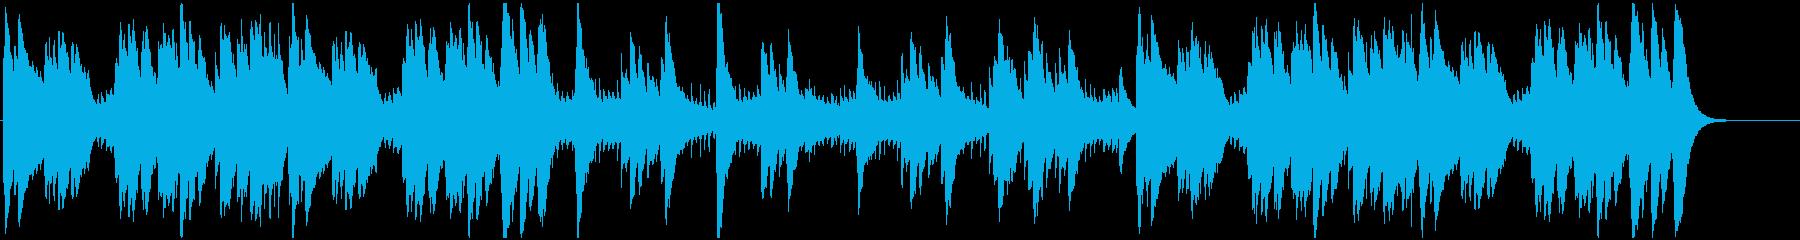 綺麗で癒されるオルゴールメロディーの再生済みの波形